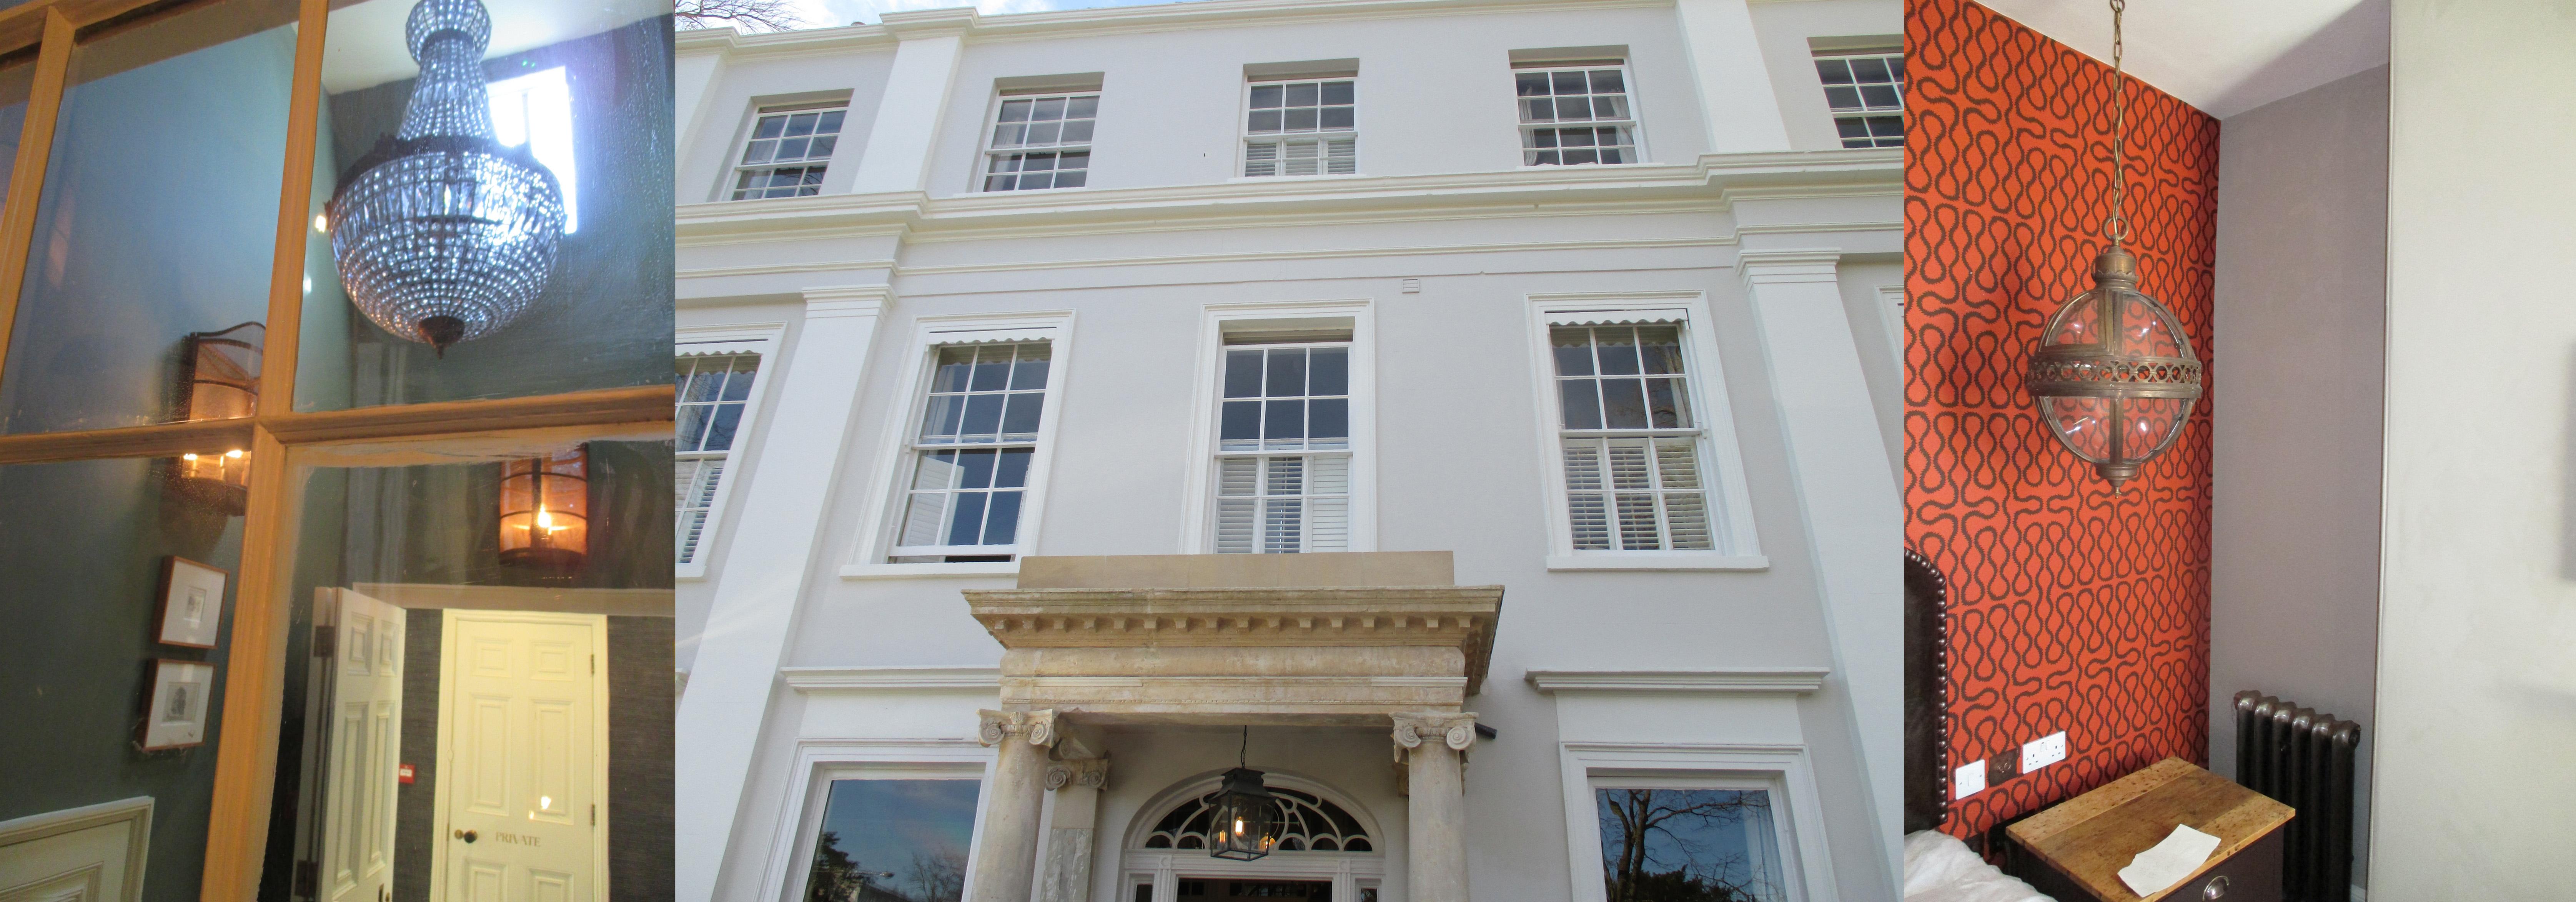 S G Bailey Paints Ltd Case Studies